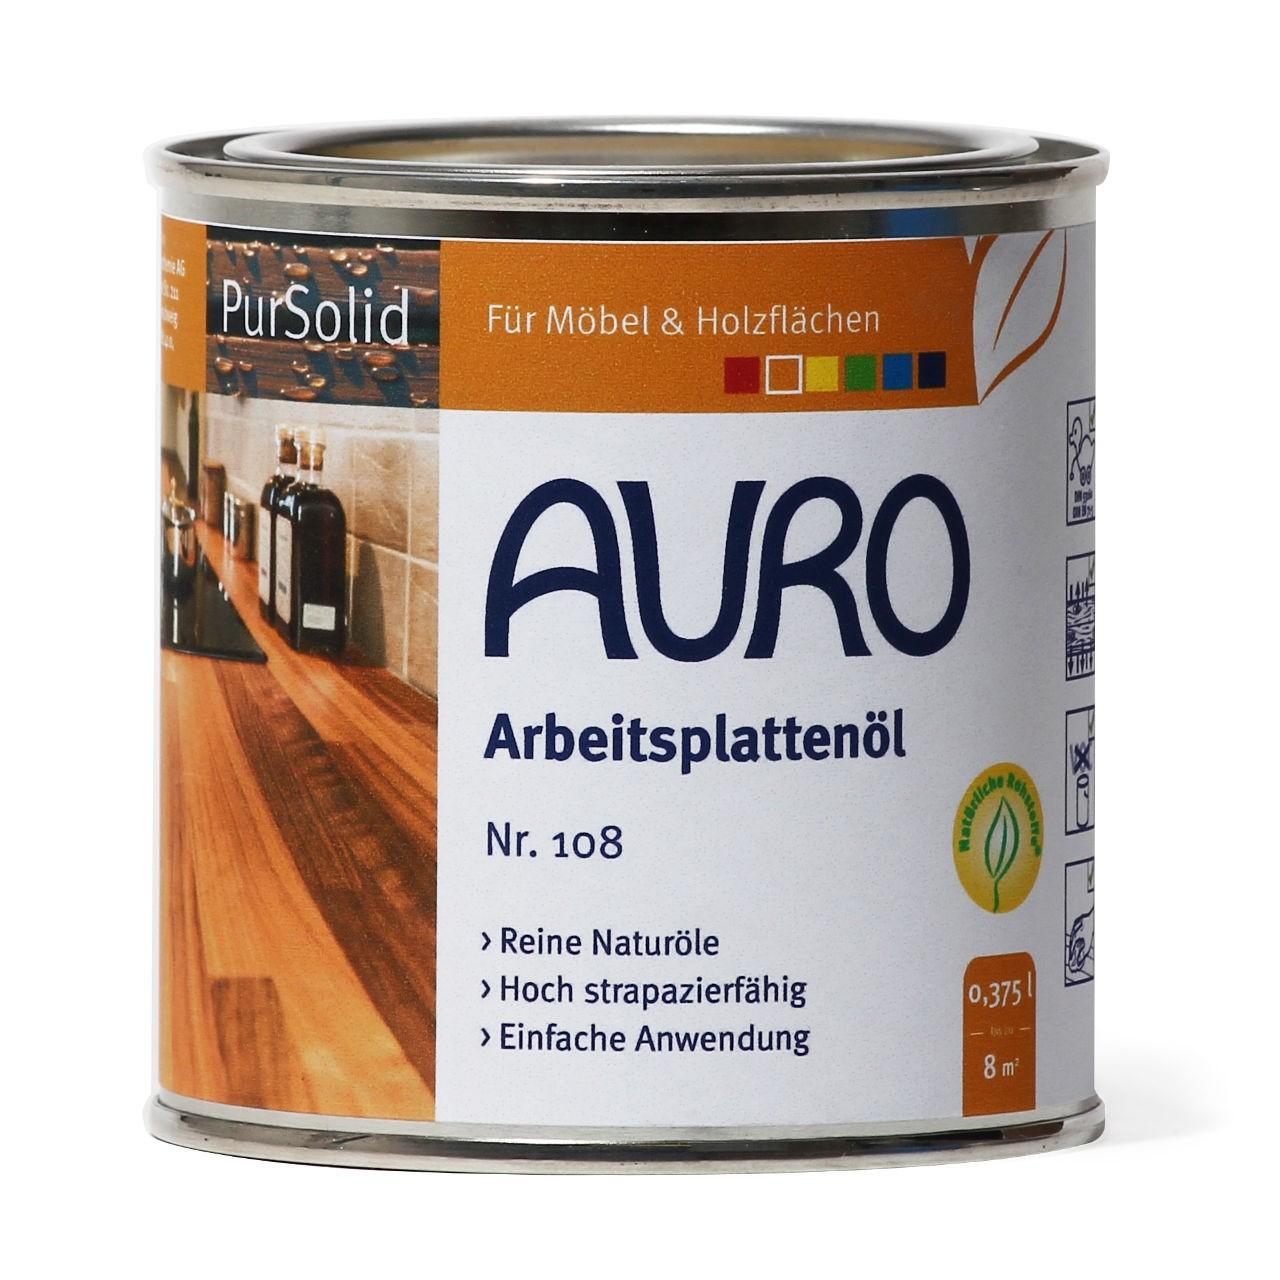 auro shop online handel für auro farbe | auro shop